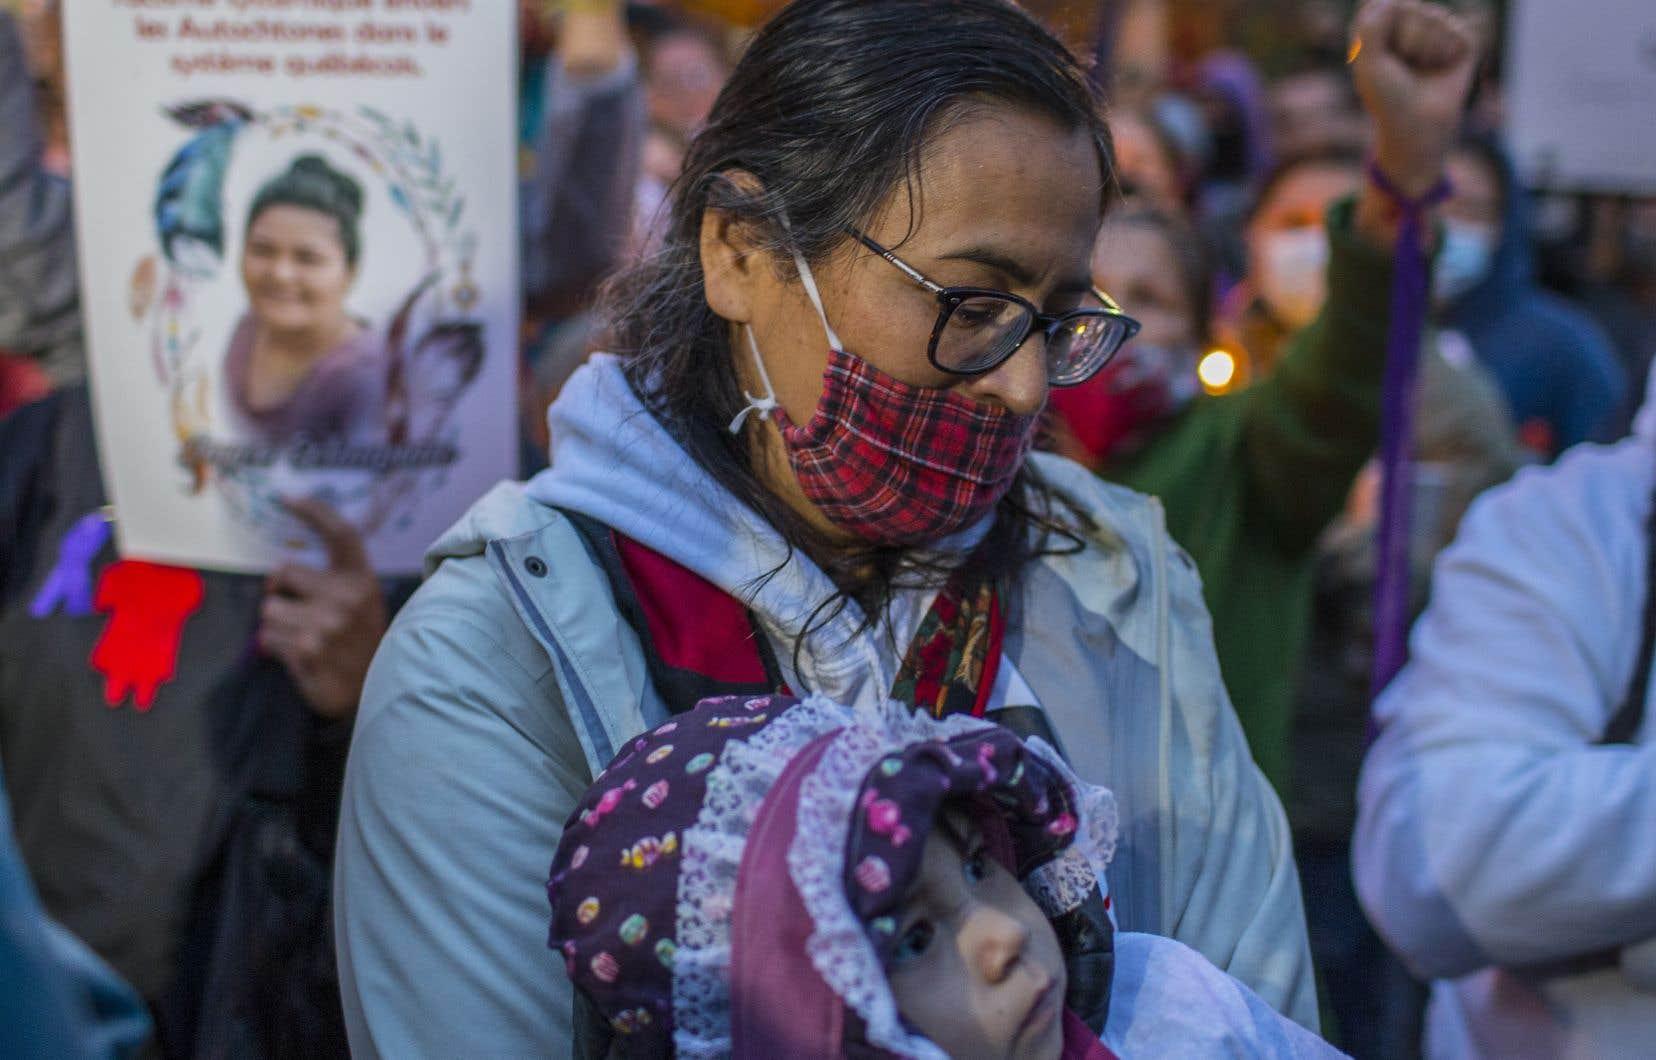 Présente lors du rassemblent:Michèle Audette, qui a été commissaire à l'Enquête nationale sur les femmes et les filles autochtones disparues et assassinées.